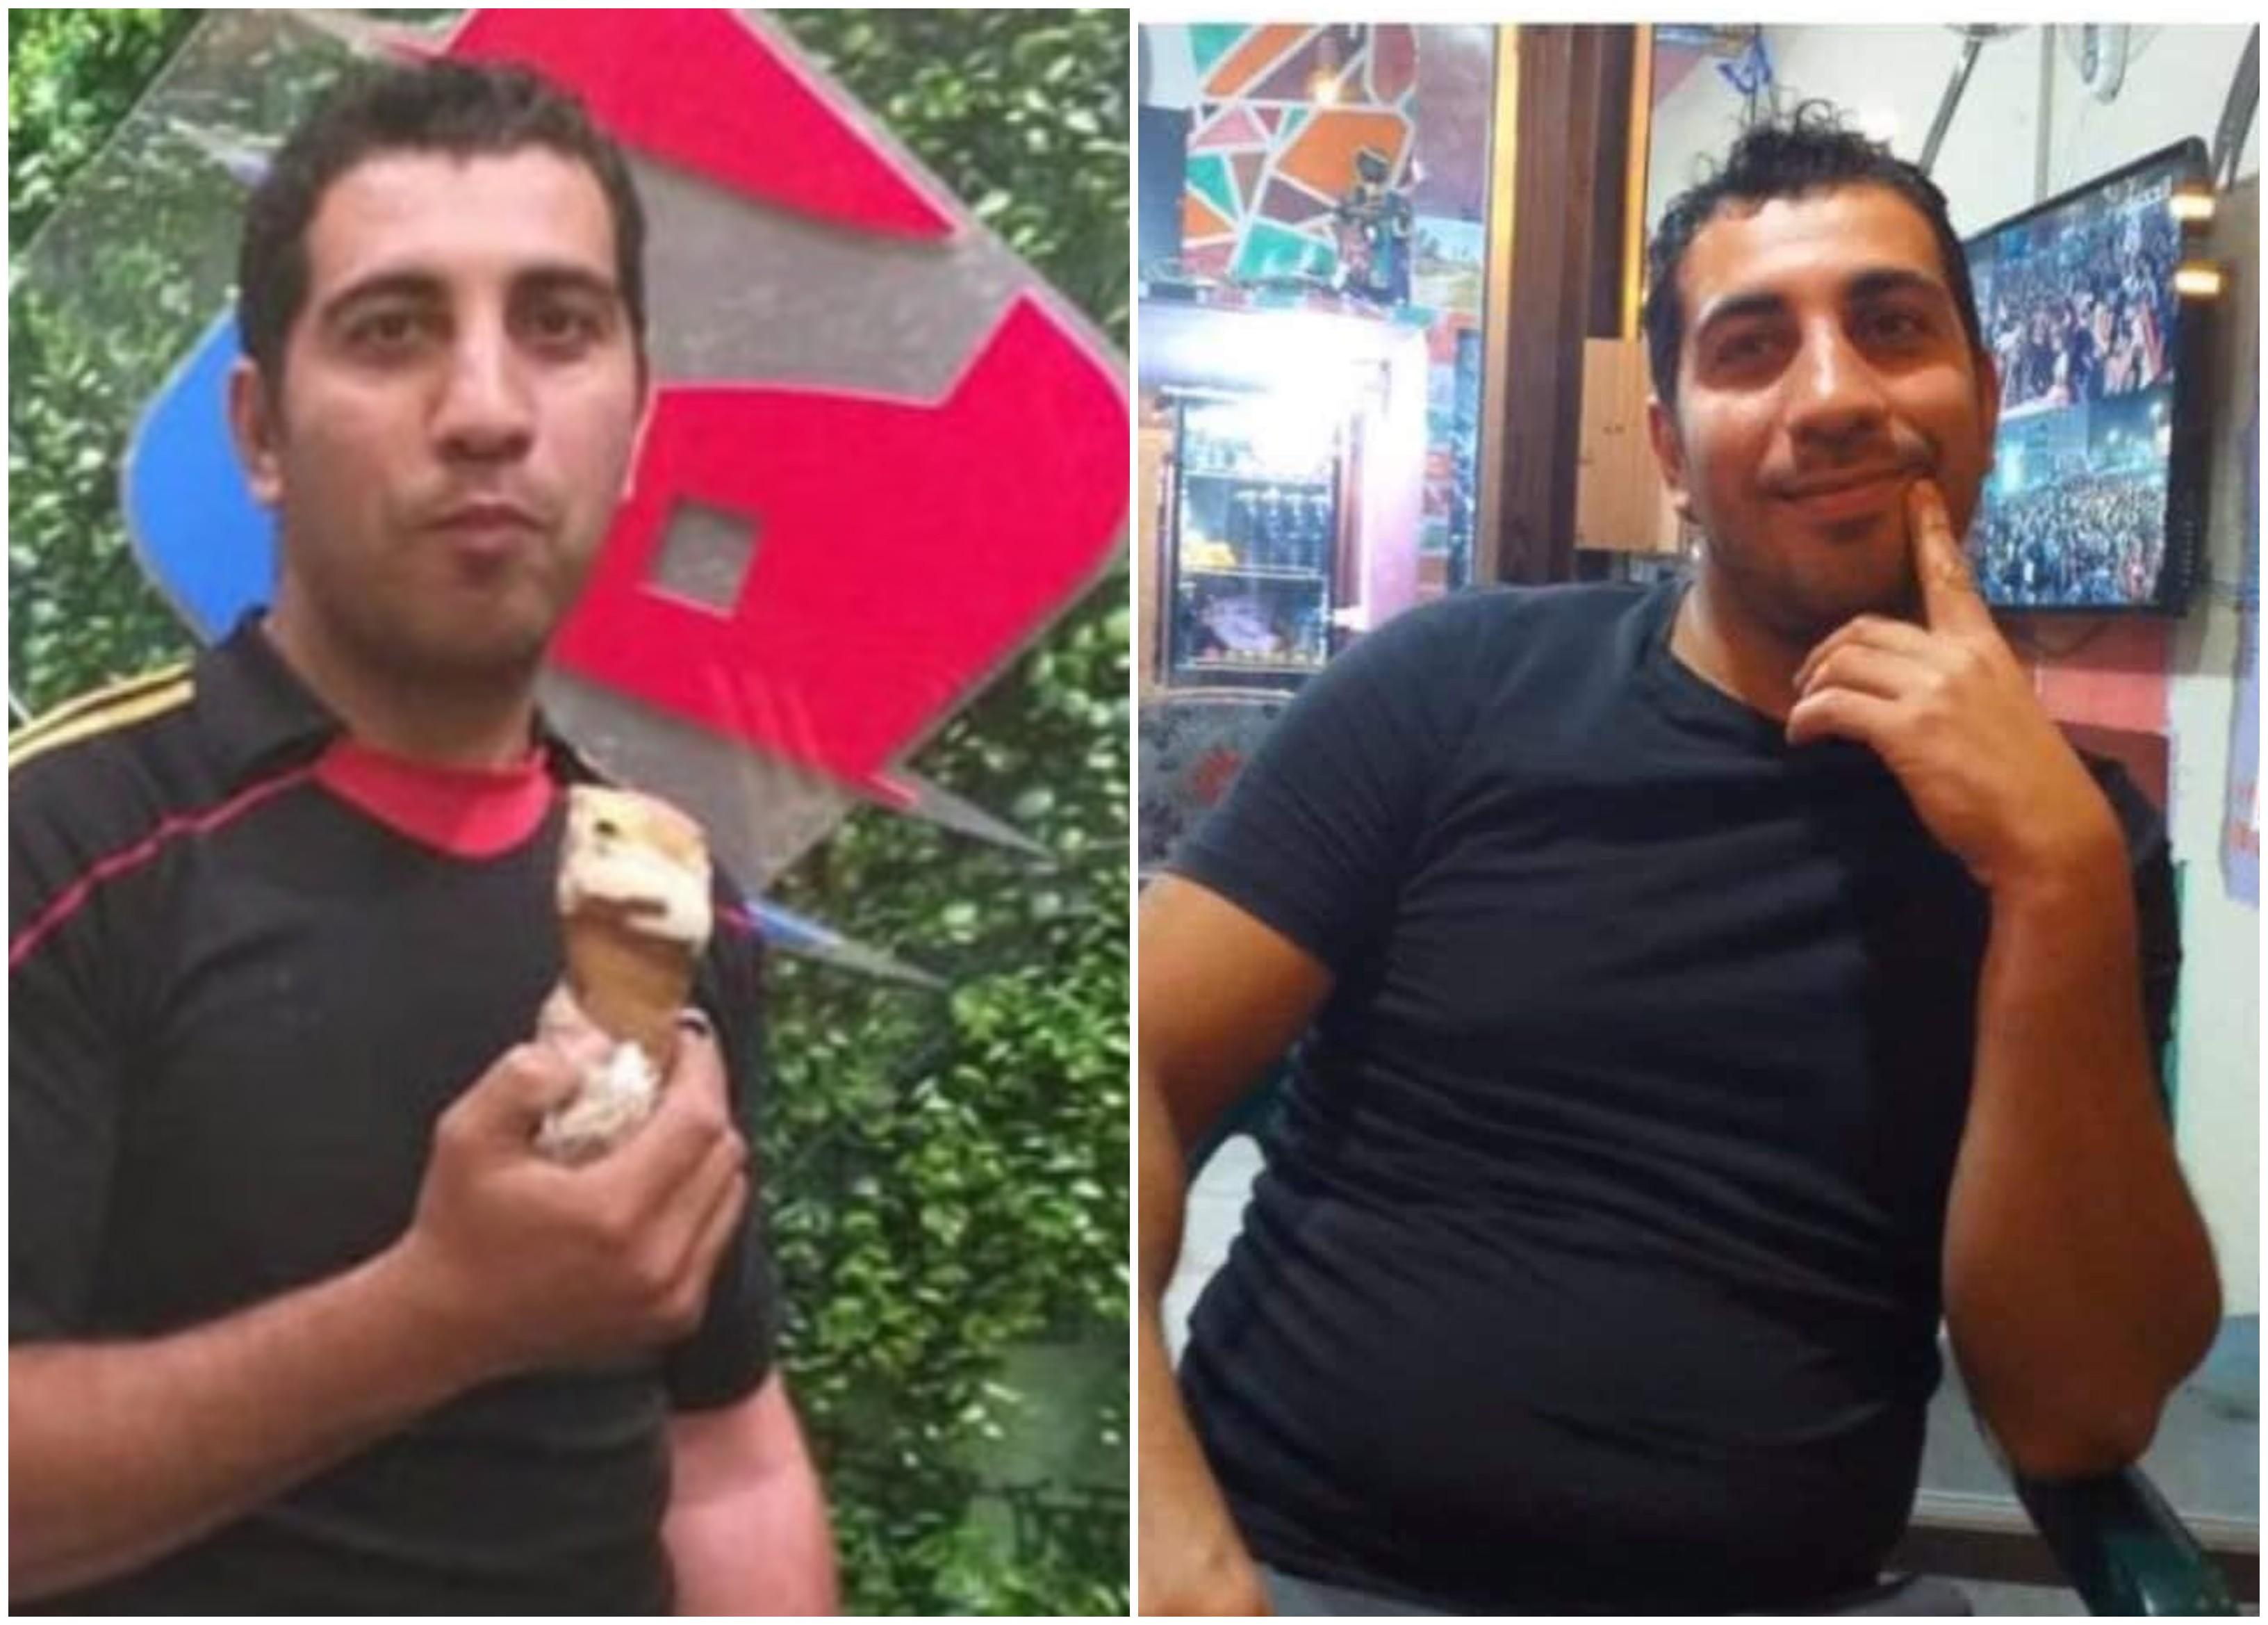 """مدينة صور ودعت شهيد لقمة العيش الشاب """"أحمد السماحي"""" بعد وفاته بصعقة كهربائية خلال عمله"""